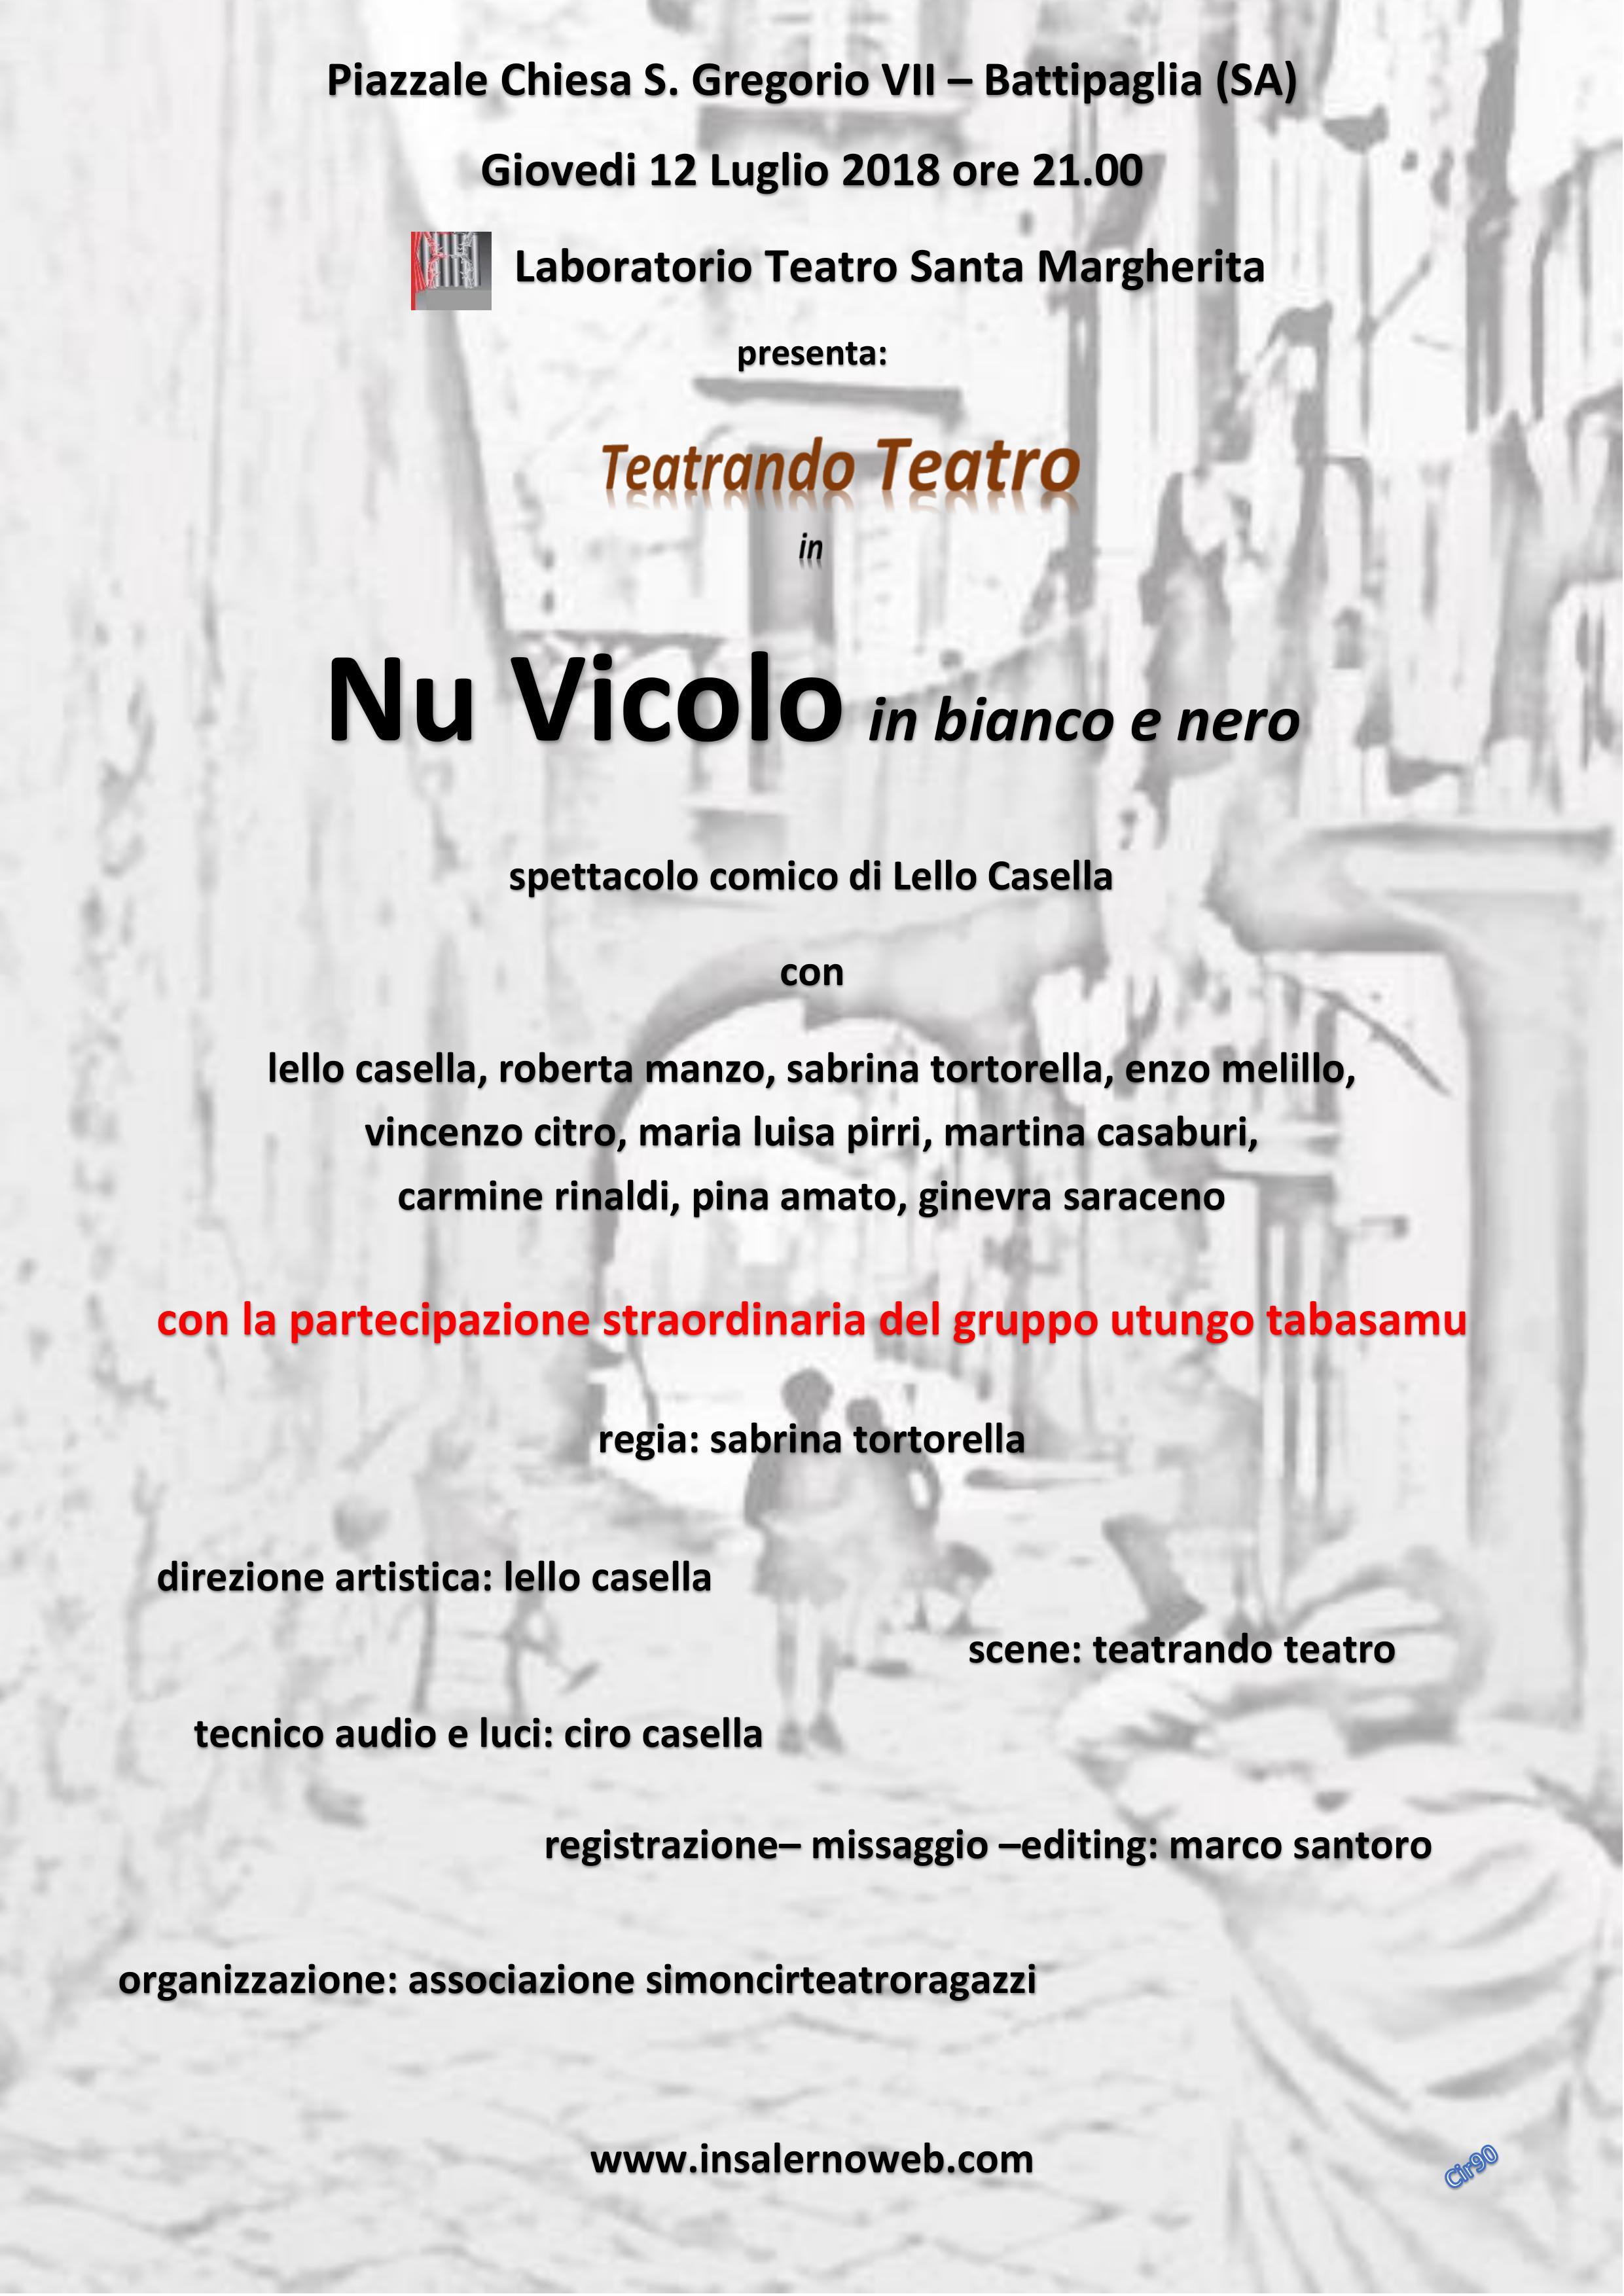 http://www.salernonotizie.net/wp-content/uploads/2018/07/UN-VICOLO-IN-BIANCO-E-NERO.jpg